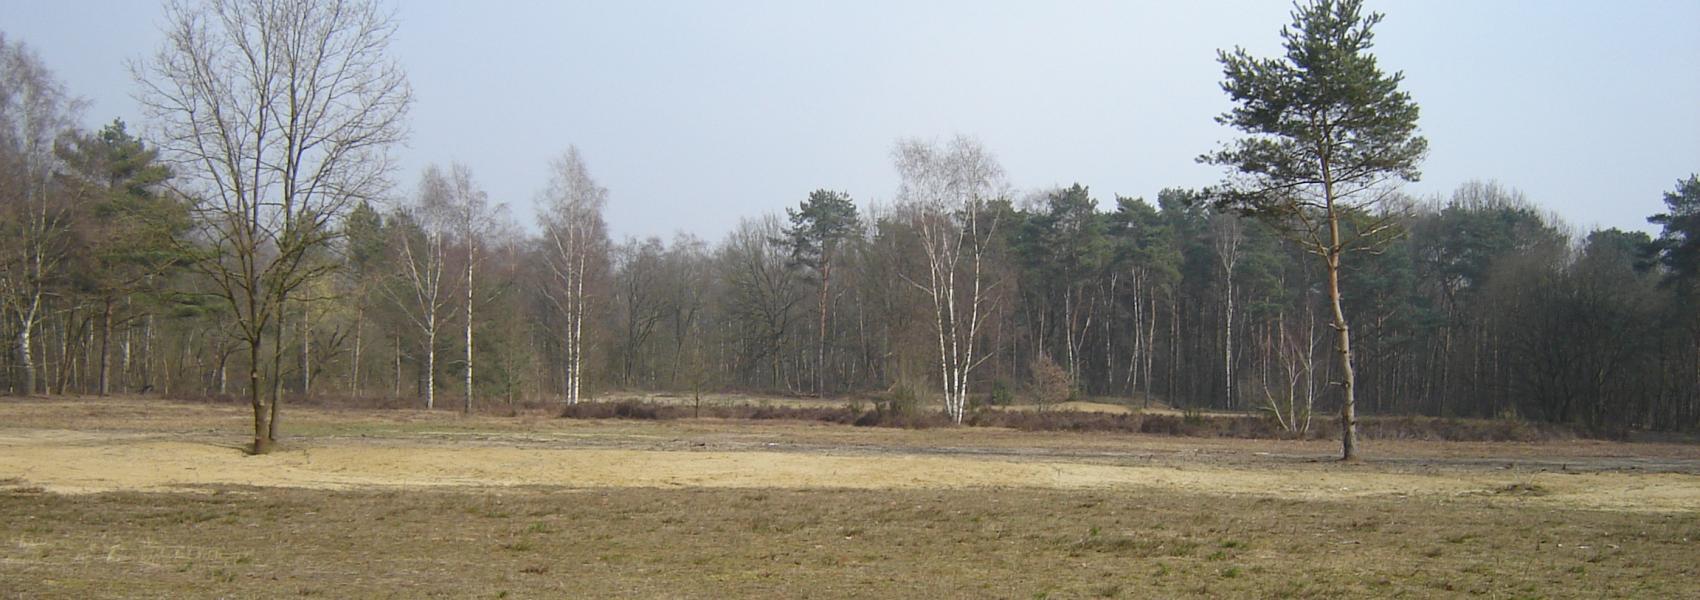 Teunenberg